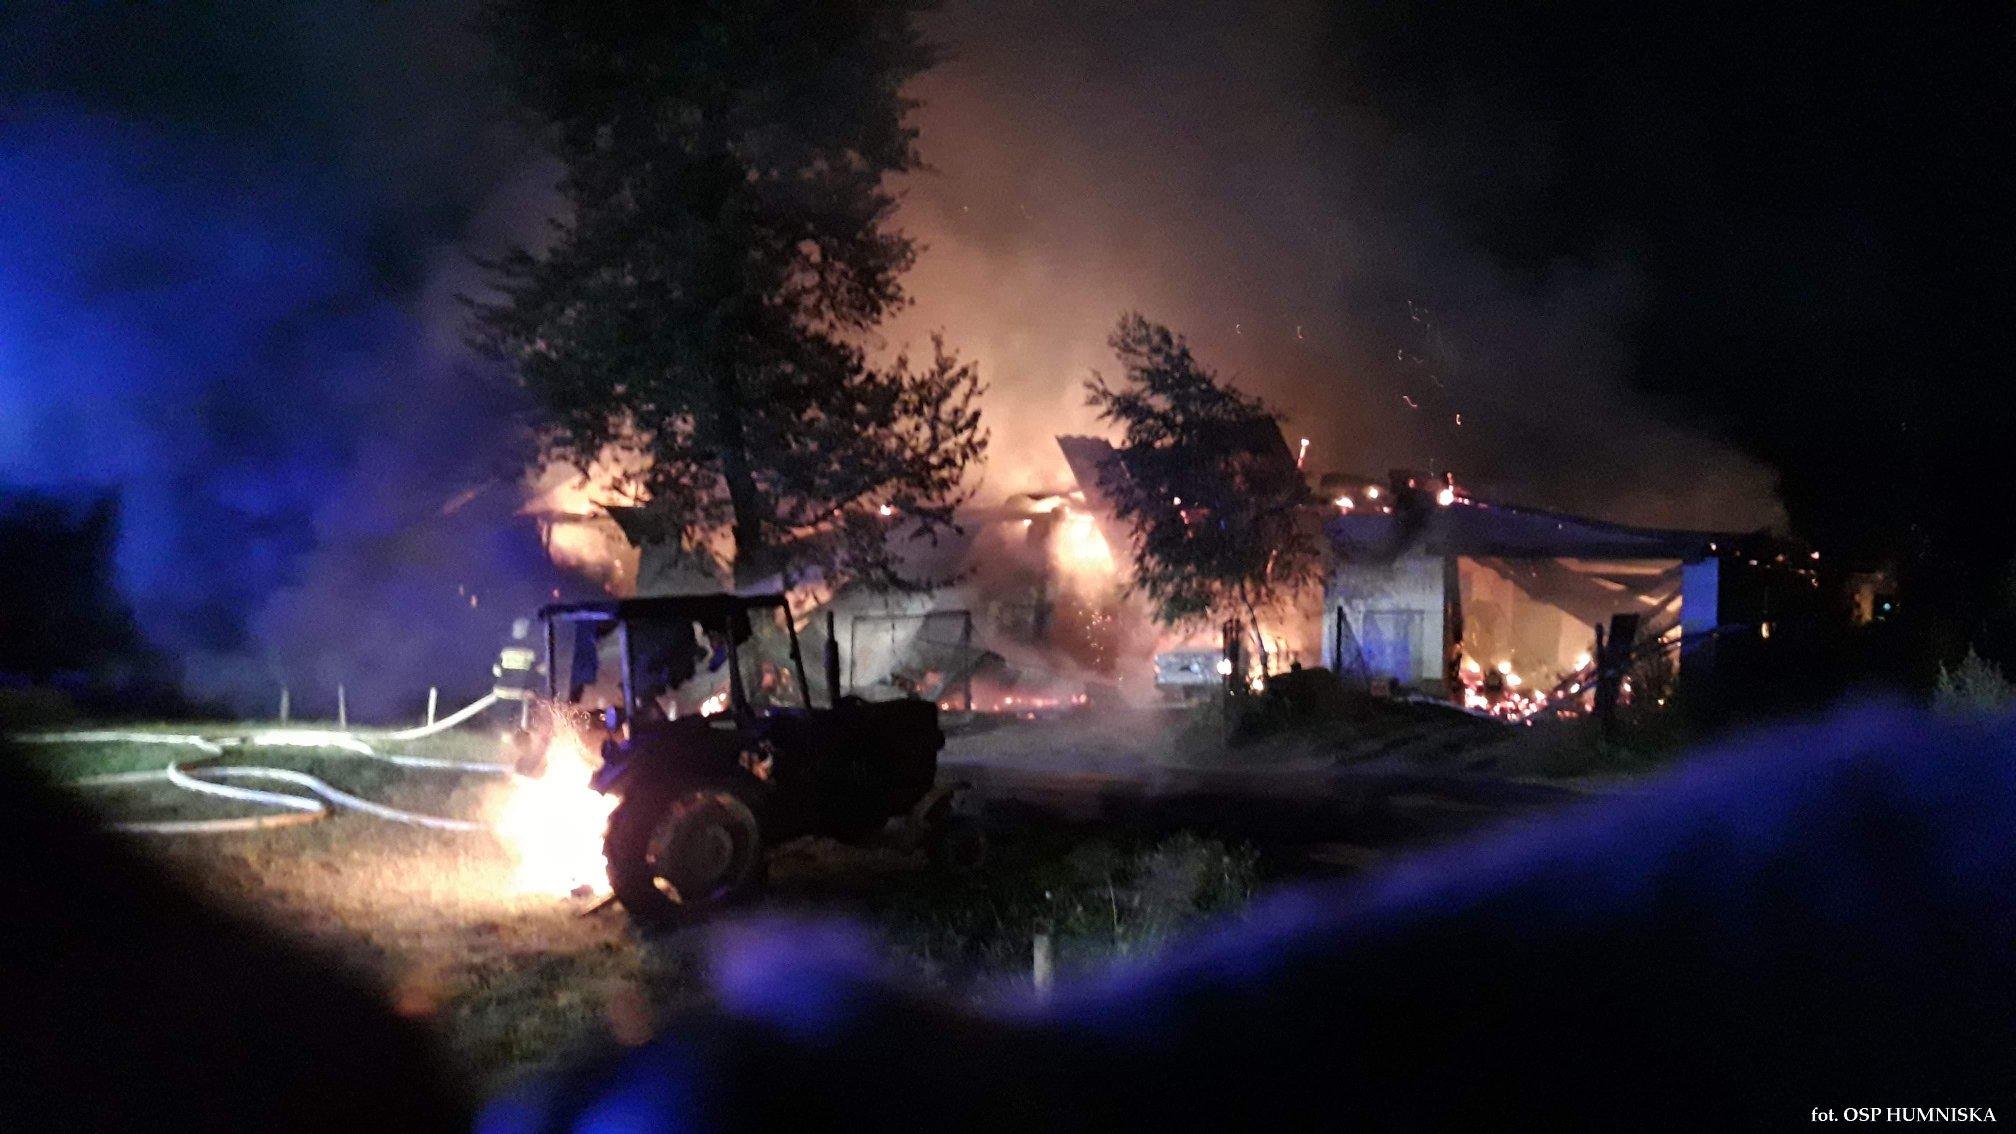 Z PODKARPACIA. Ogromny pożar w Dydni |ZDJĘCIA| - Zdjęcie główne